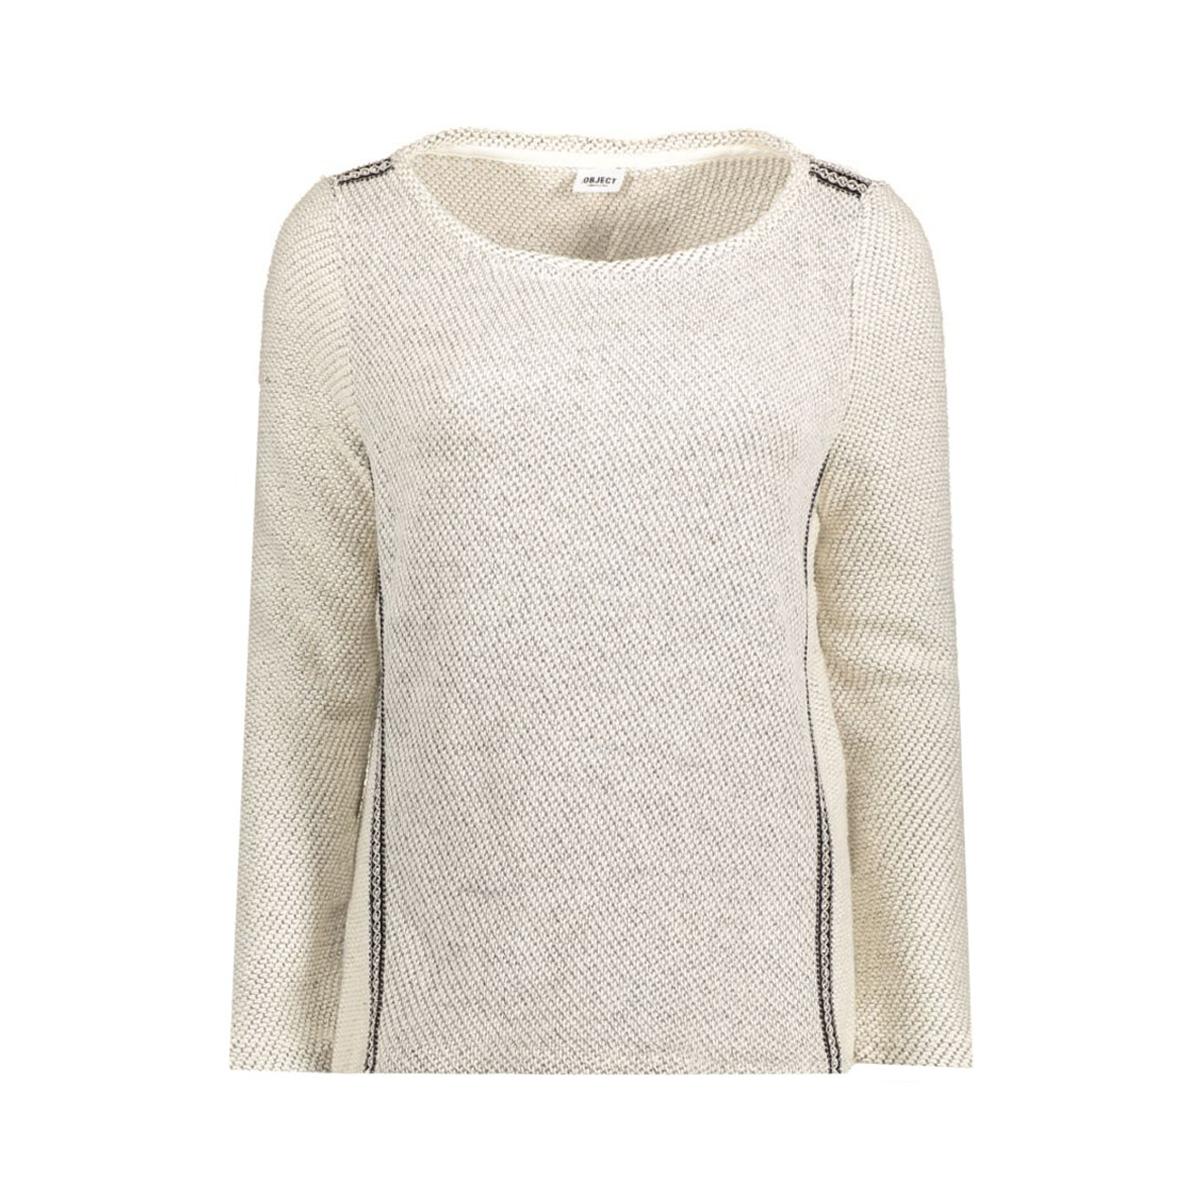 objscarlet l/s sweat pullover 87 23023090 object trui gardenia